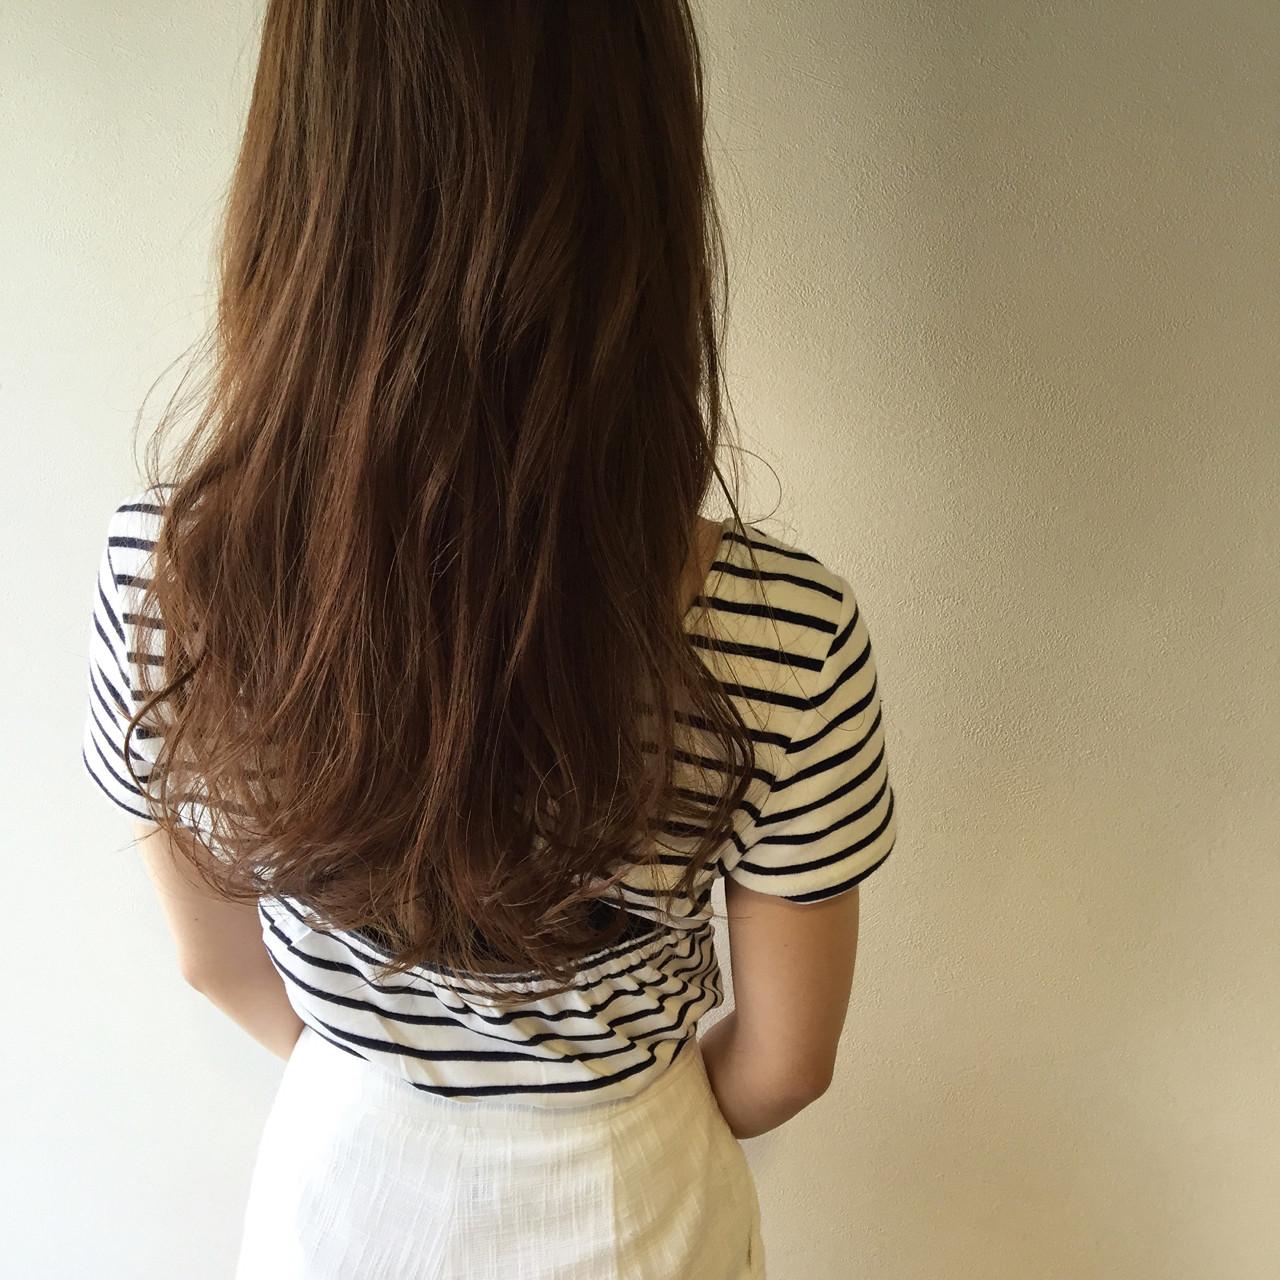 外国人風 アッシュ ハイライト ロング ヘアスタイルや髪型の写真・画像 | 矢井 一輝 / Rr. hair salon Nagoya